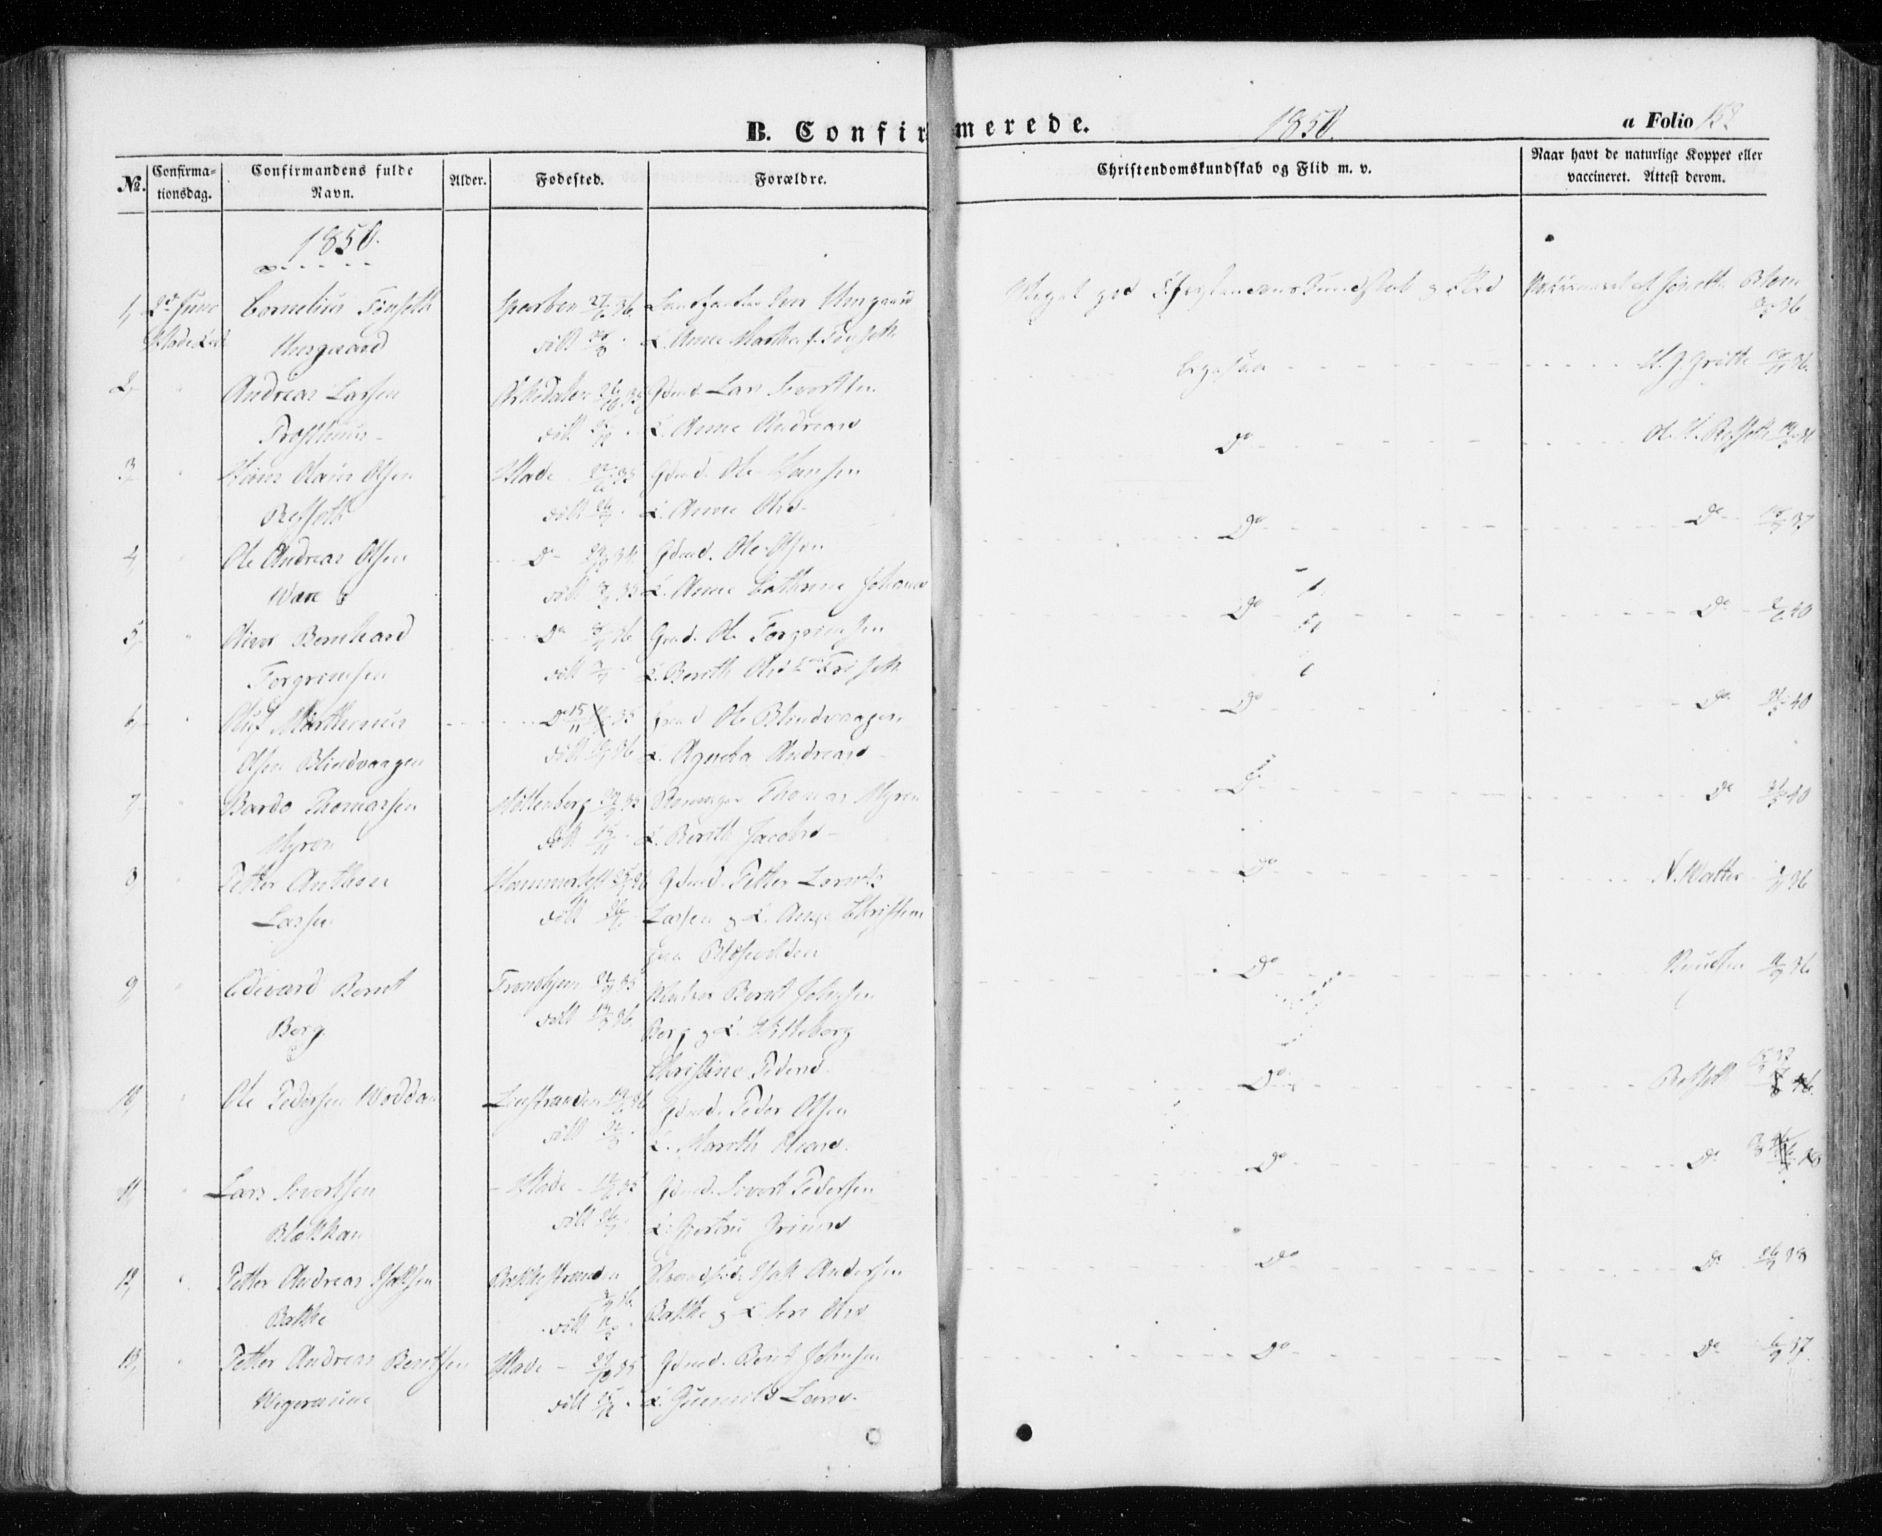 SAT, Ministerialprotokoller, klokkerbøker og fødselsregistre - Sør-Trøndelag, 606/L0291: Ministerialbok nr. 606A06, 1848-1856, s. 152